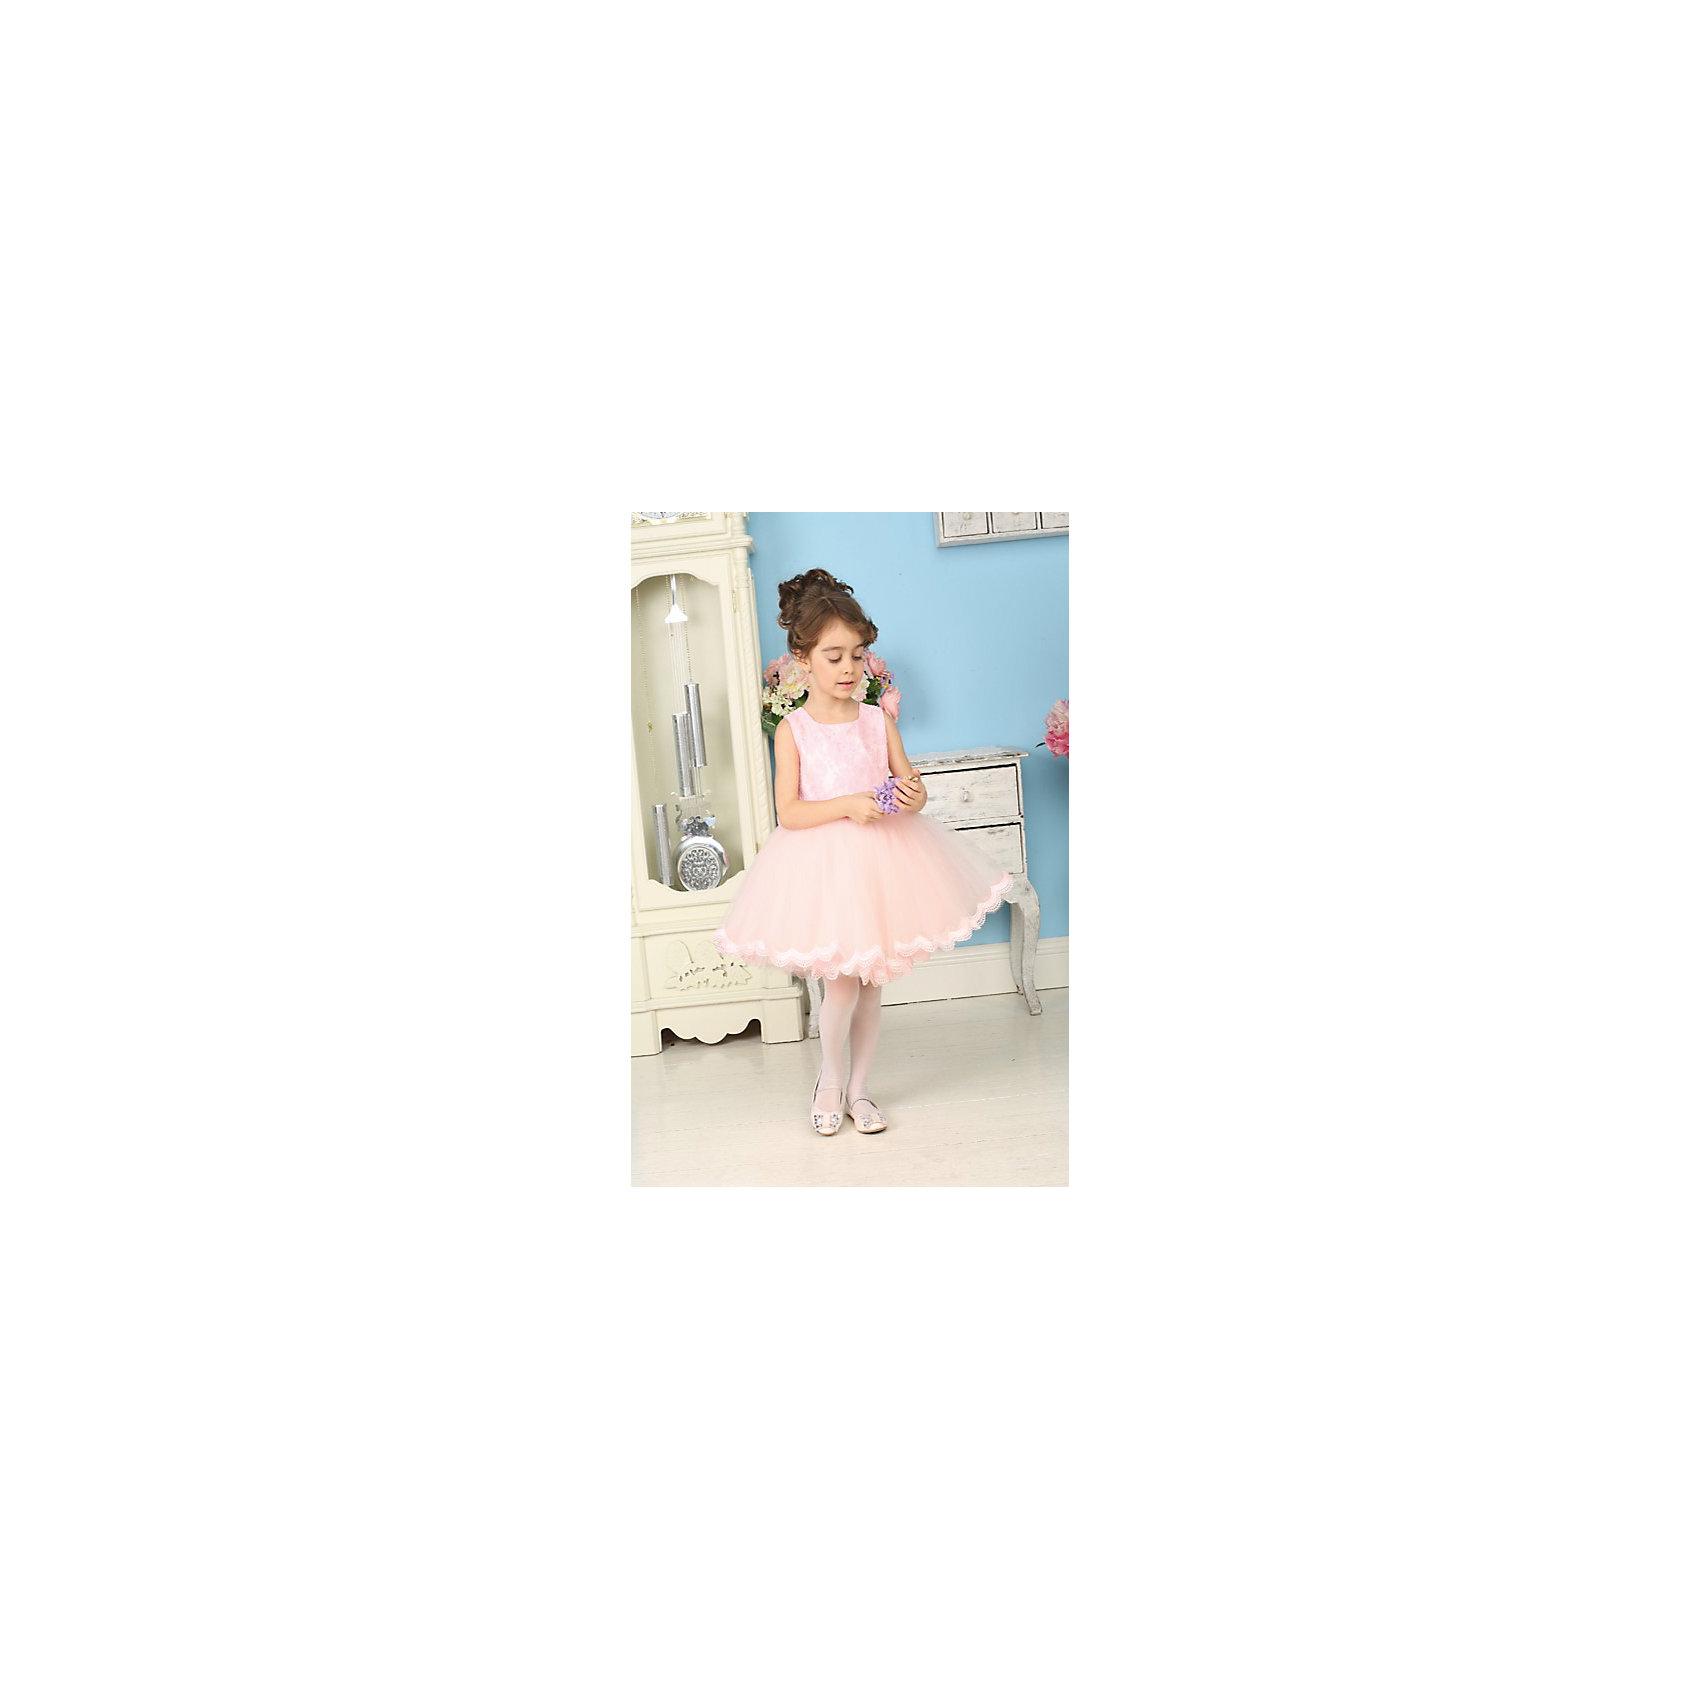 Нарядное платье для девочки Sweet BerryОдежда<br>Нарядное воздушное платье для маленьких принцесс. Верх платья покрыт нежным кружевом. Юбка выполнена в виде пачки из многослойной сетки, по низу юбка украшена кружевом нежно-персикового цвета. Платье застегивается на молнию на спинке. Сзади платье украшено красивым кружевным бантом. Бант съемный.<br>Состав:<br>верх- 100% полиэстер, подклад-100% хлопок<br><br>Ширина мм: 236<br>Глубина мм: 16<br>Высота мм: 184<br>Вес г: 177<br>Цвет: розовый<br>Возраст от месяцев: 72<br>Возраст до месяцев: 84<br>Пол: Женский<br>Возраст: Детский<br>Размер: 122,104,128,116,110,98<br>SKU: 4299480